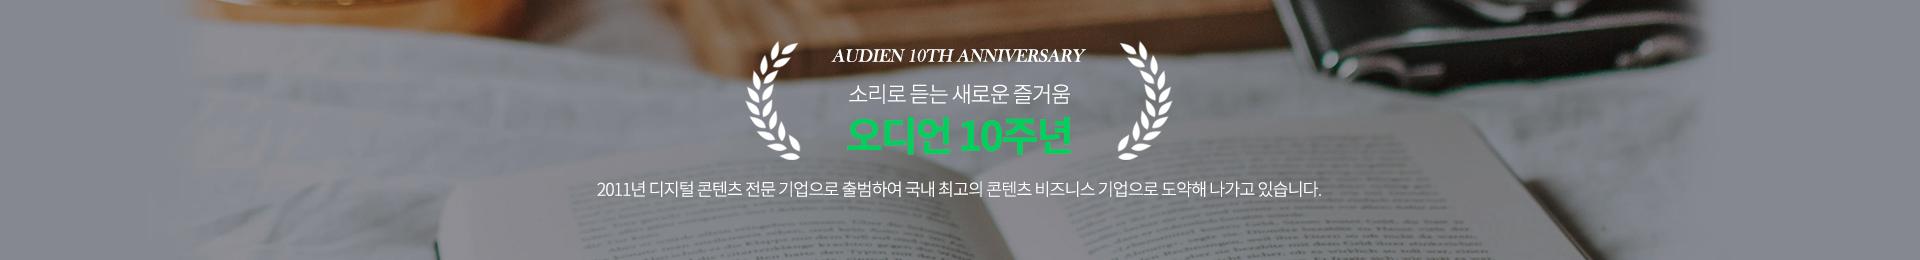 오디언 10주년 회사소개